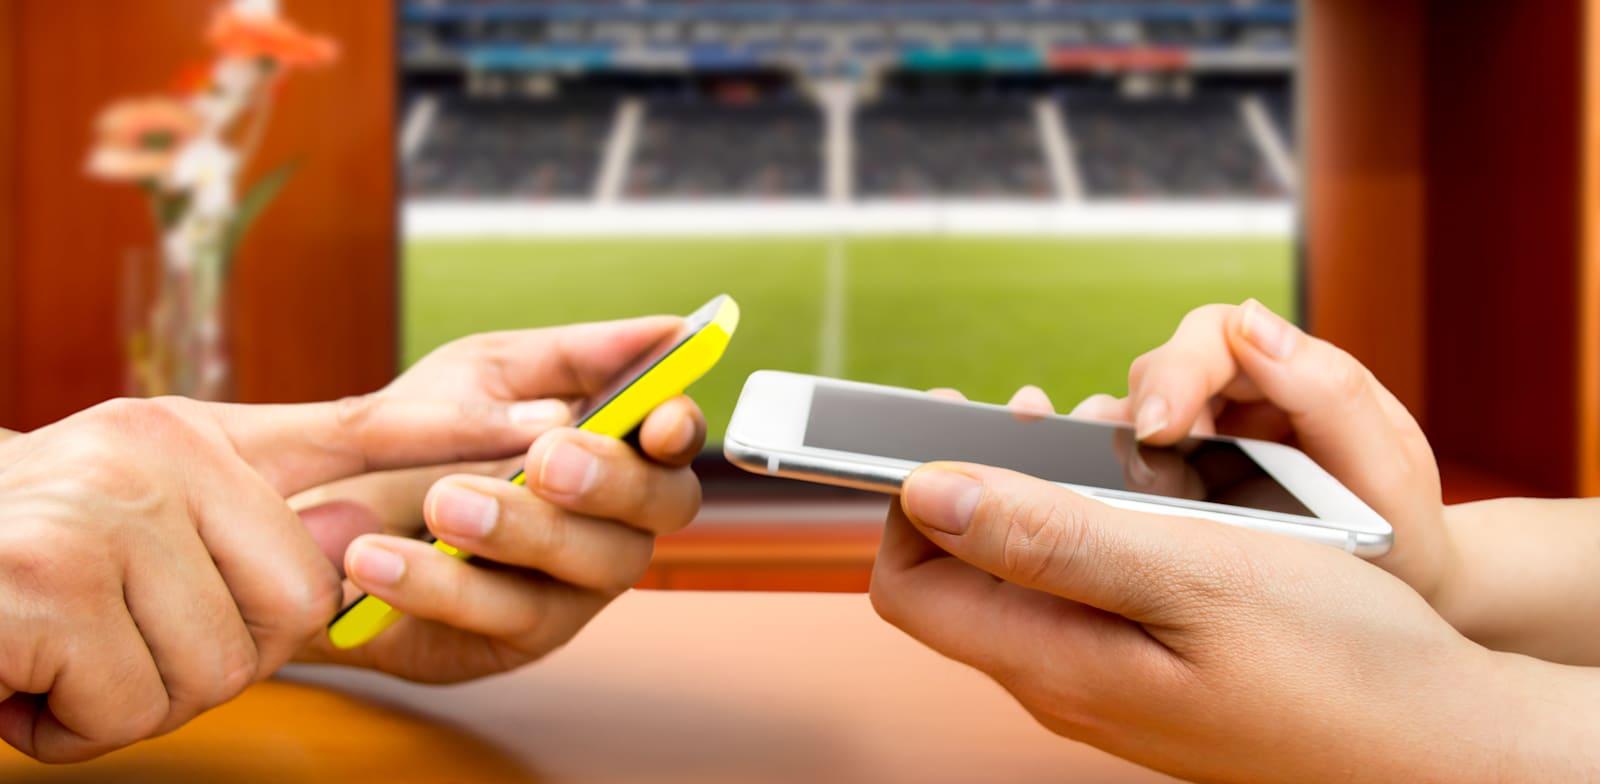 הימורי ספורט דרך הטלפון / צילום: Shutterstock, cunaplus